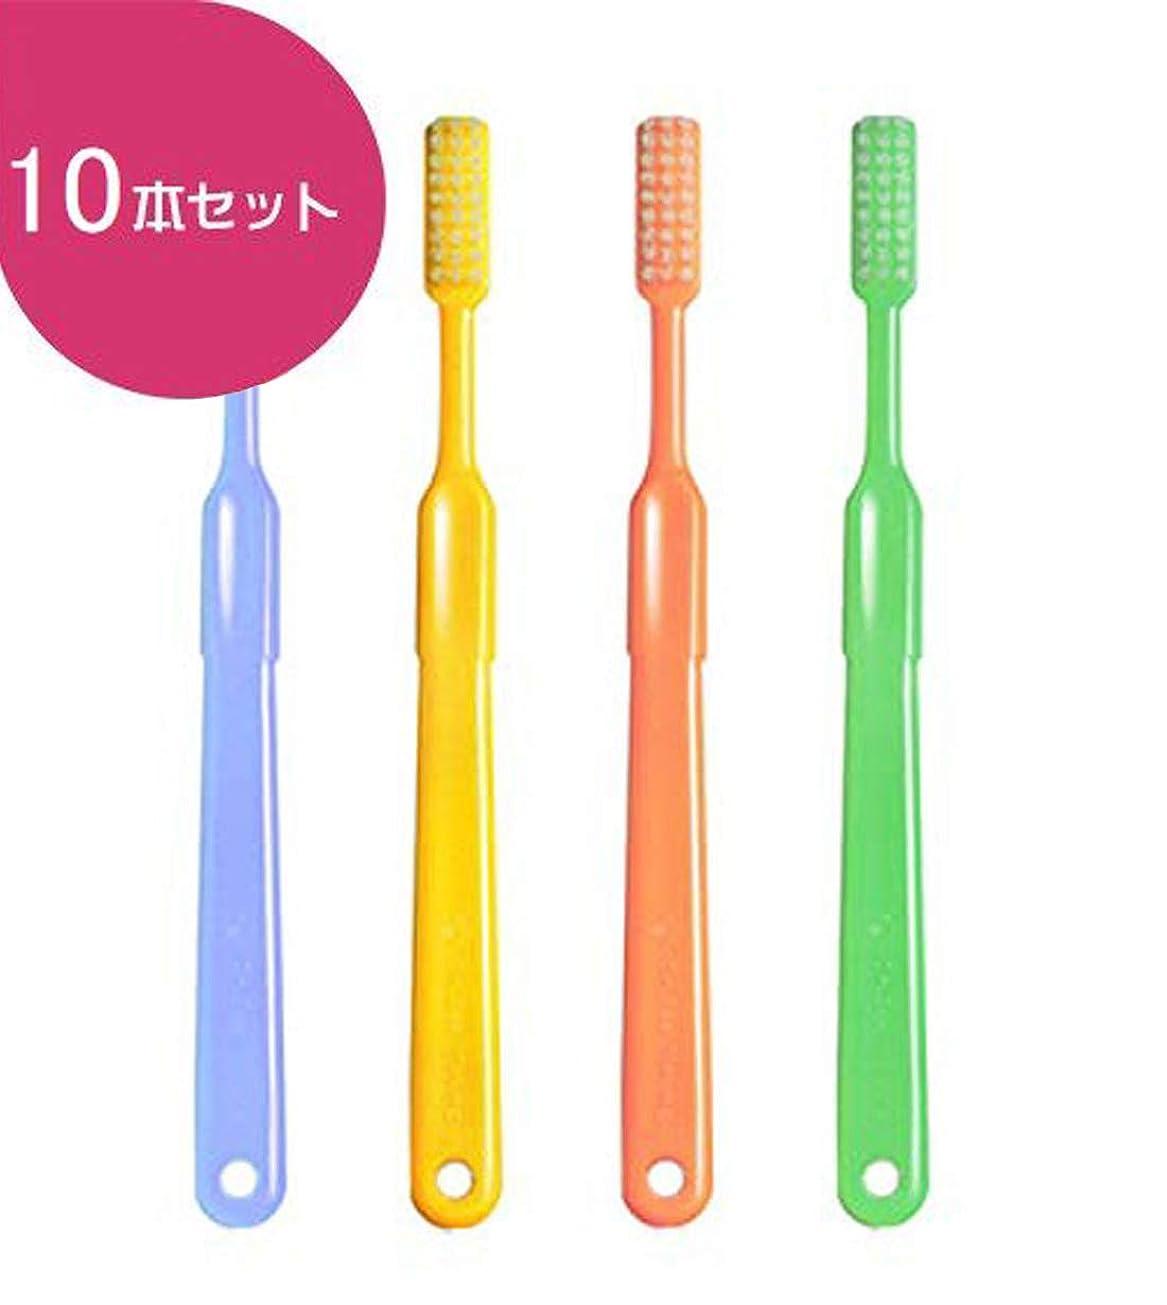 スクレーパースリップシューズクリークビーブランド ドクター ビーヤング 歯ブラシ 10本 (ヤングソフト)